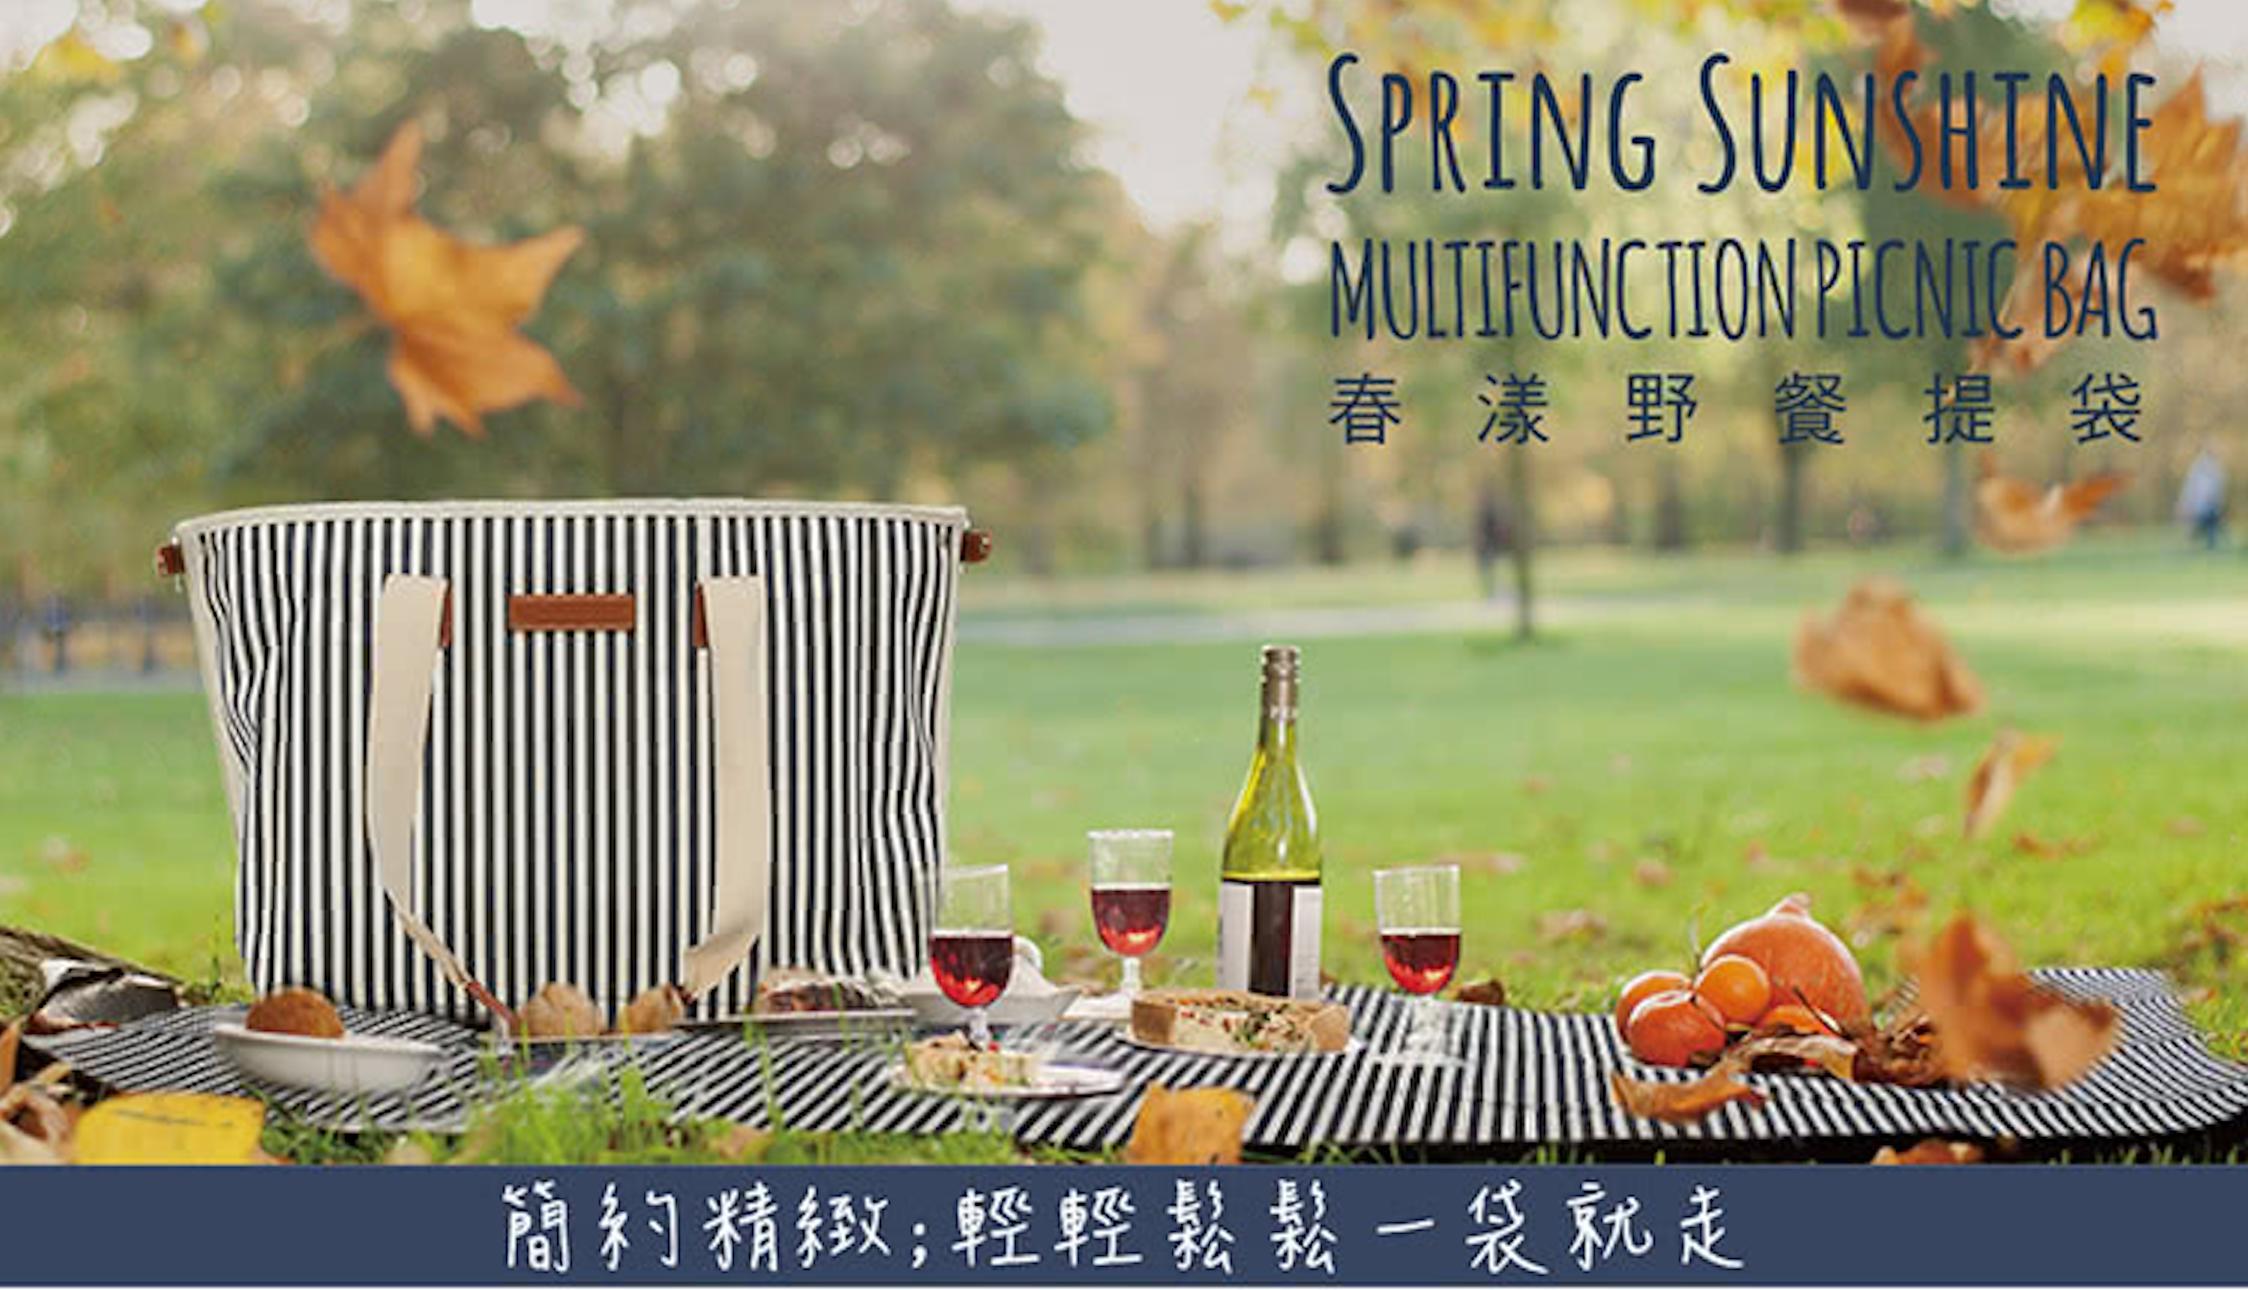 【Outdoorbase】春漾野餐多功能提袋(野餐籃 野餐袋 保溫袋)